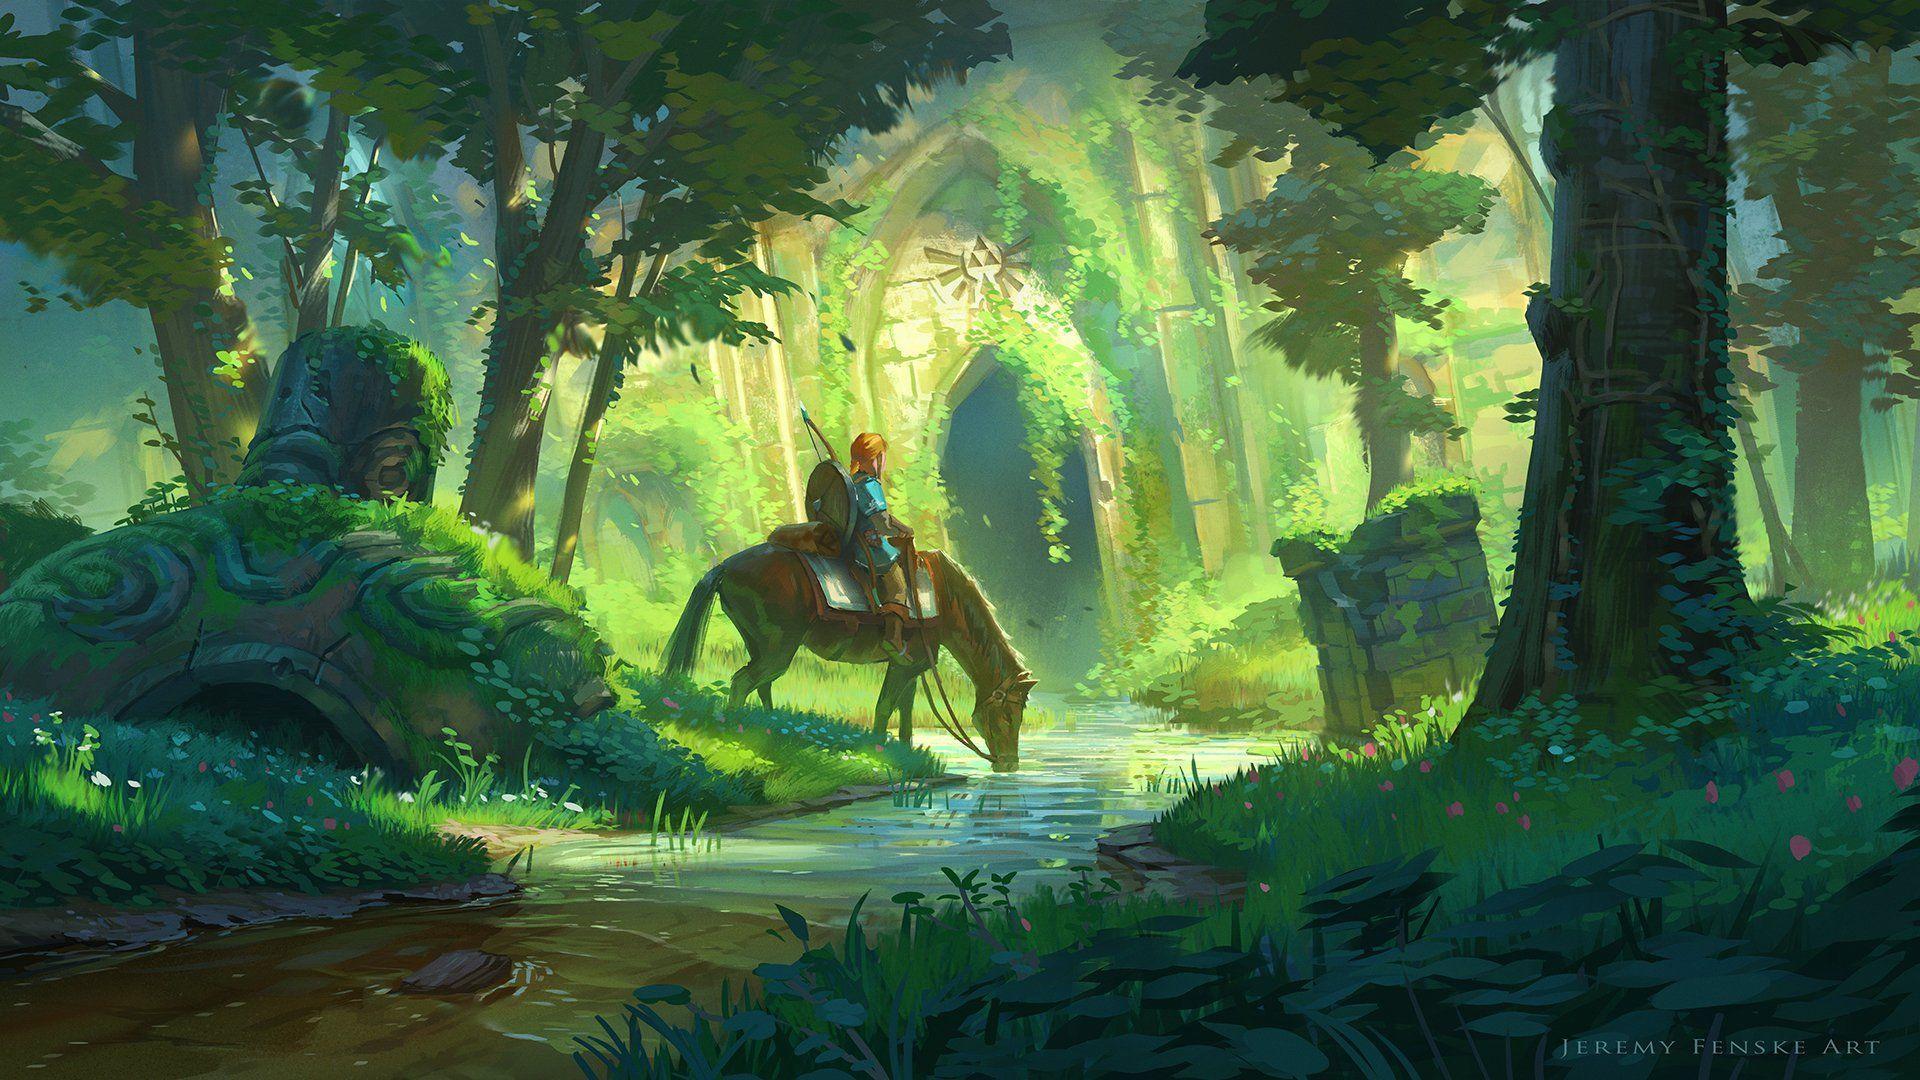 Legend Of Zelda Wallpapers Top Free Legend Of Zelda Backgrounds